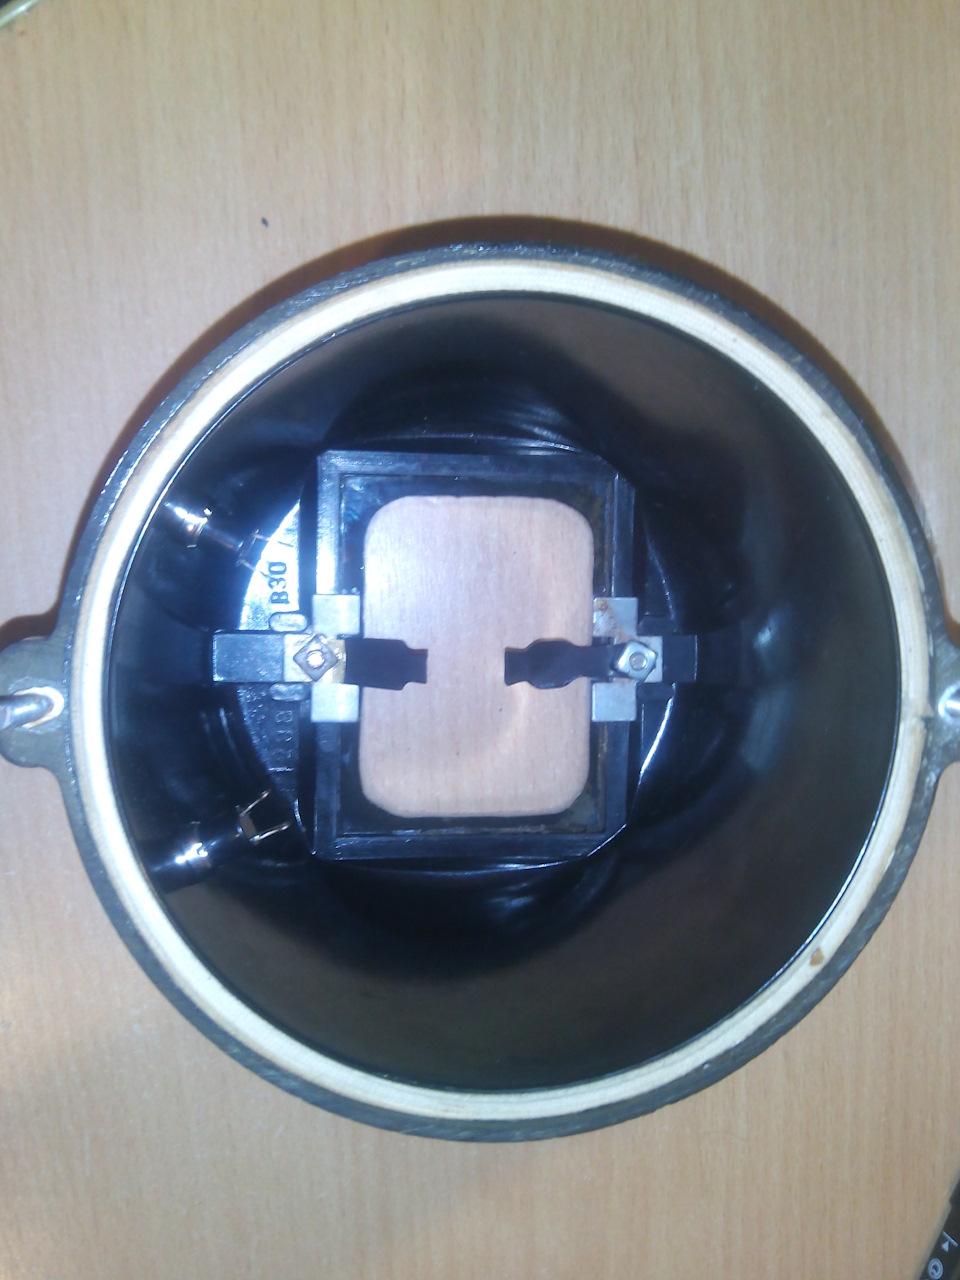 Электронные часы из старого советского электросчетчика--Электронные часы из старого советского электросчетчика-o-raznom-фото-2017